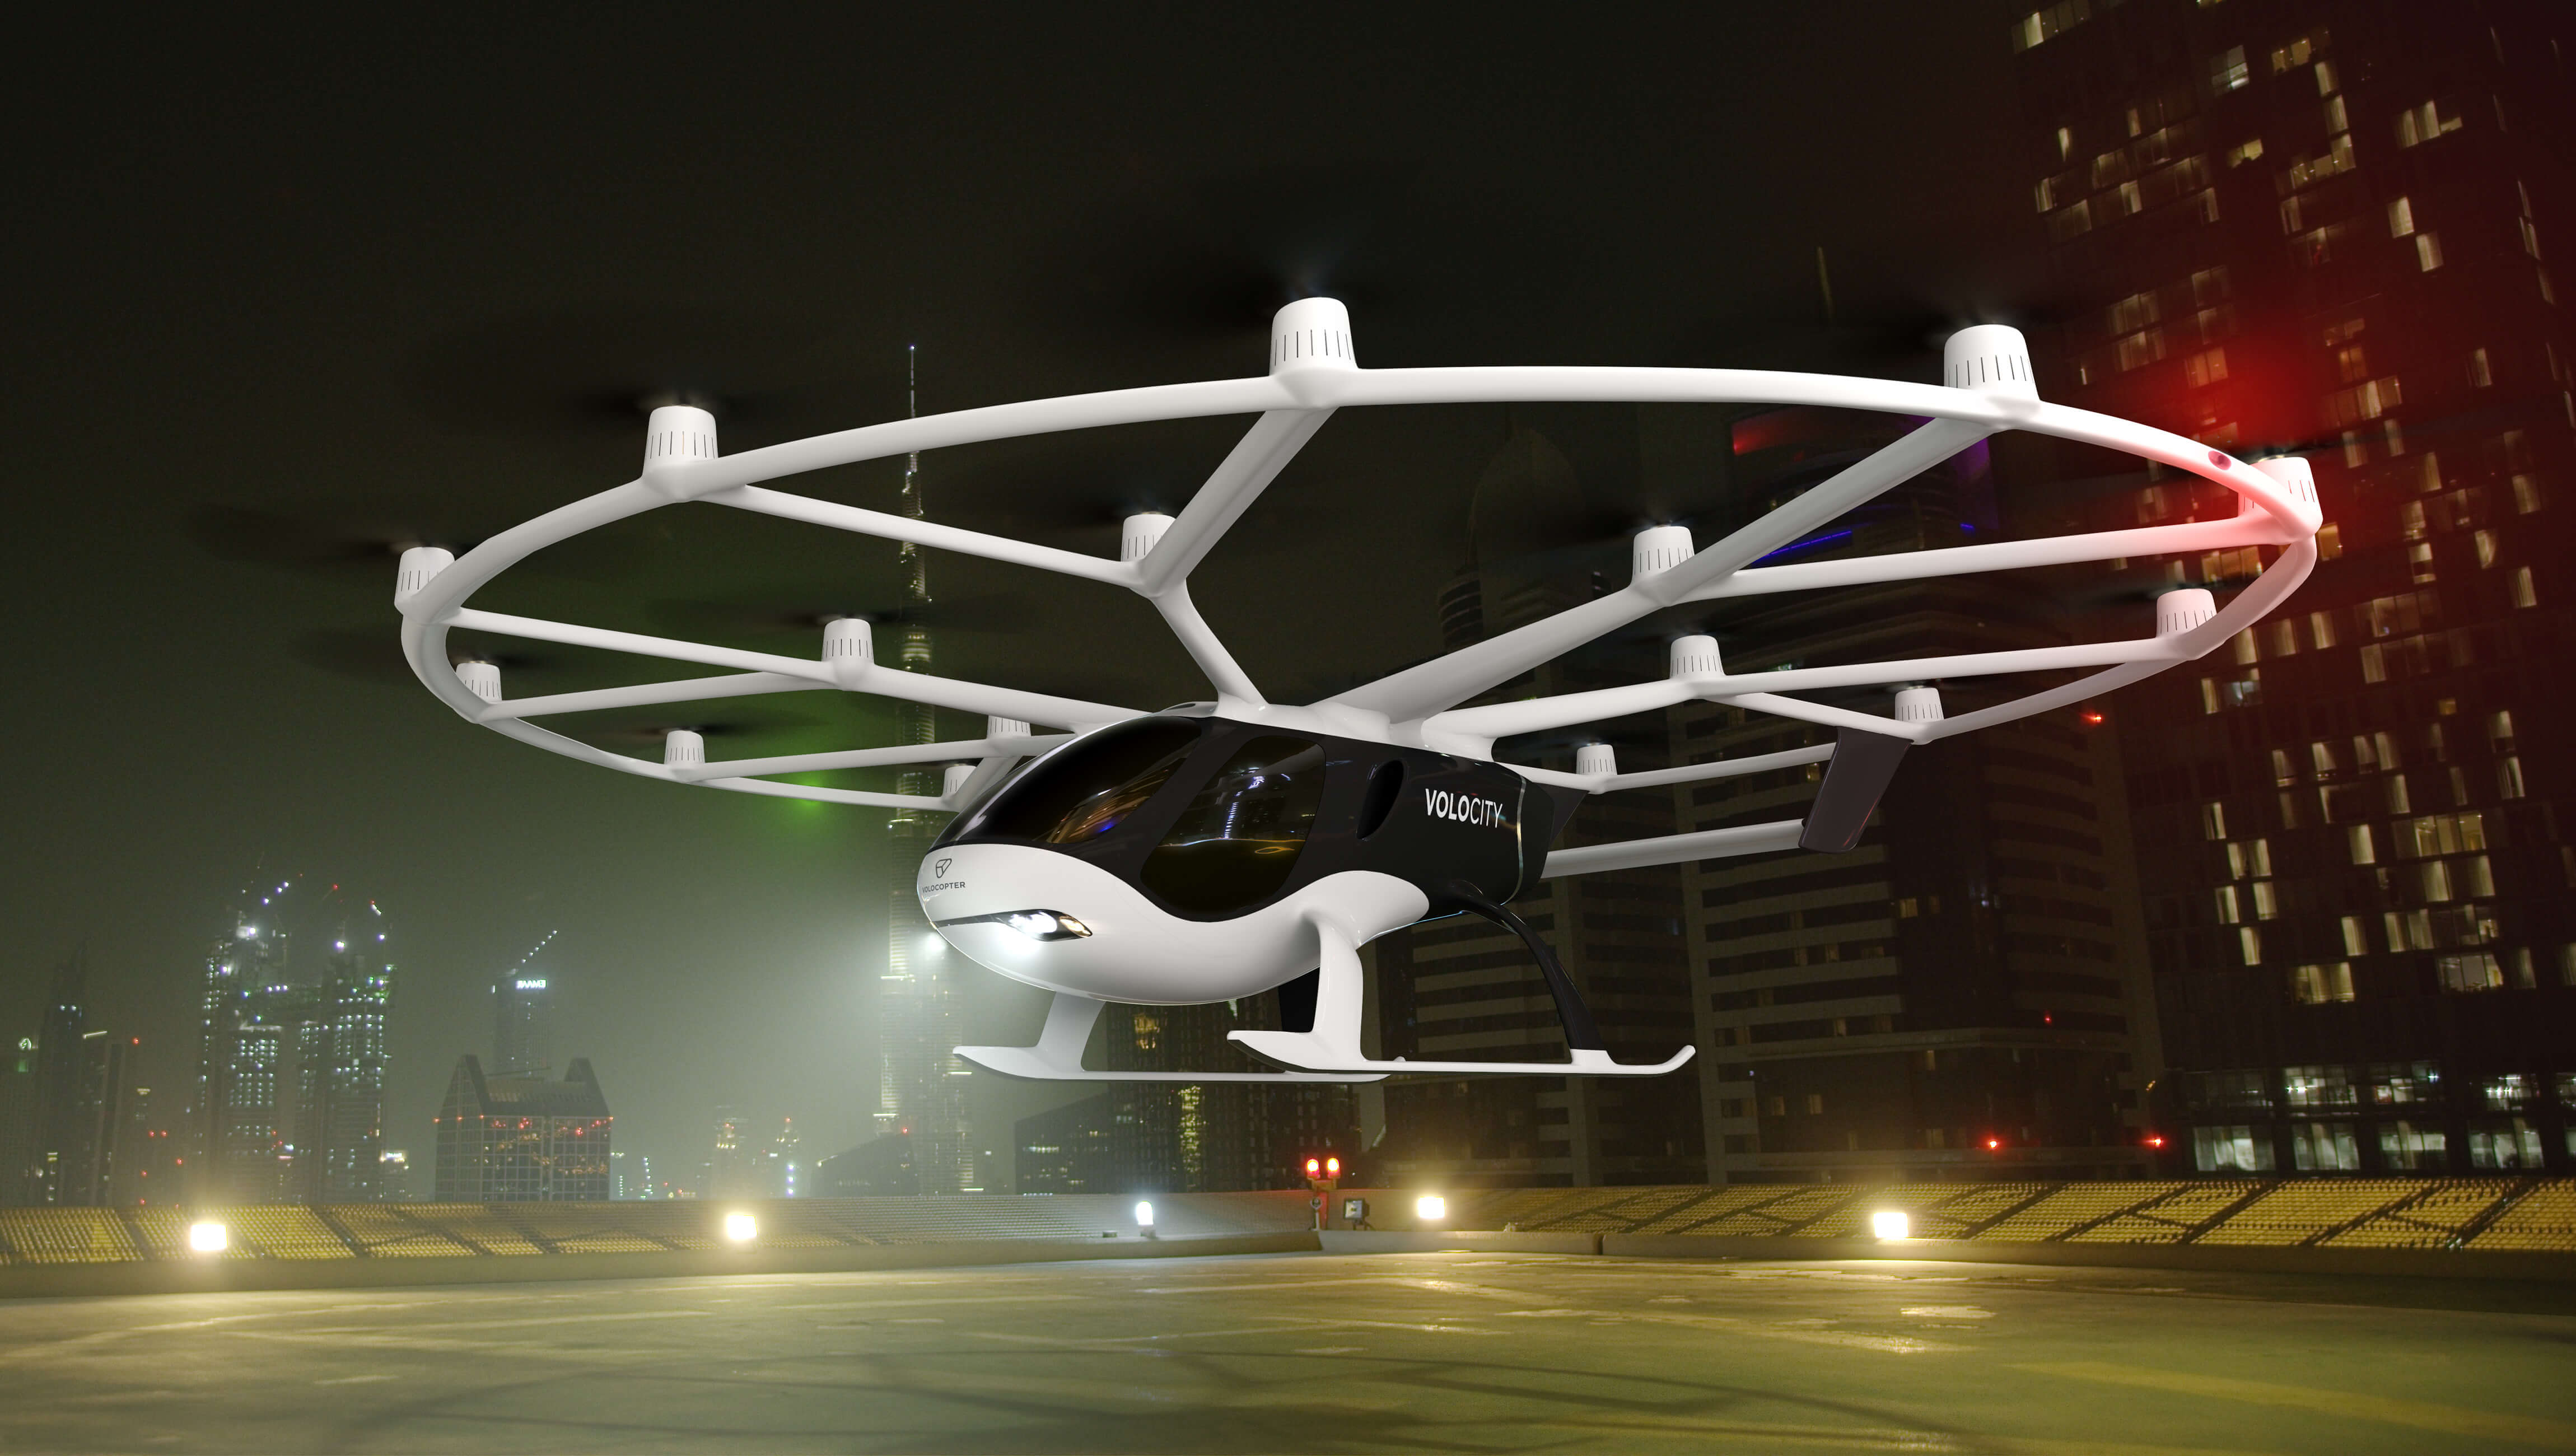 Представлена финальная версия летающего такси VoloCity